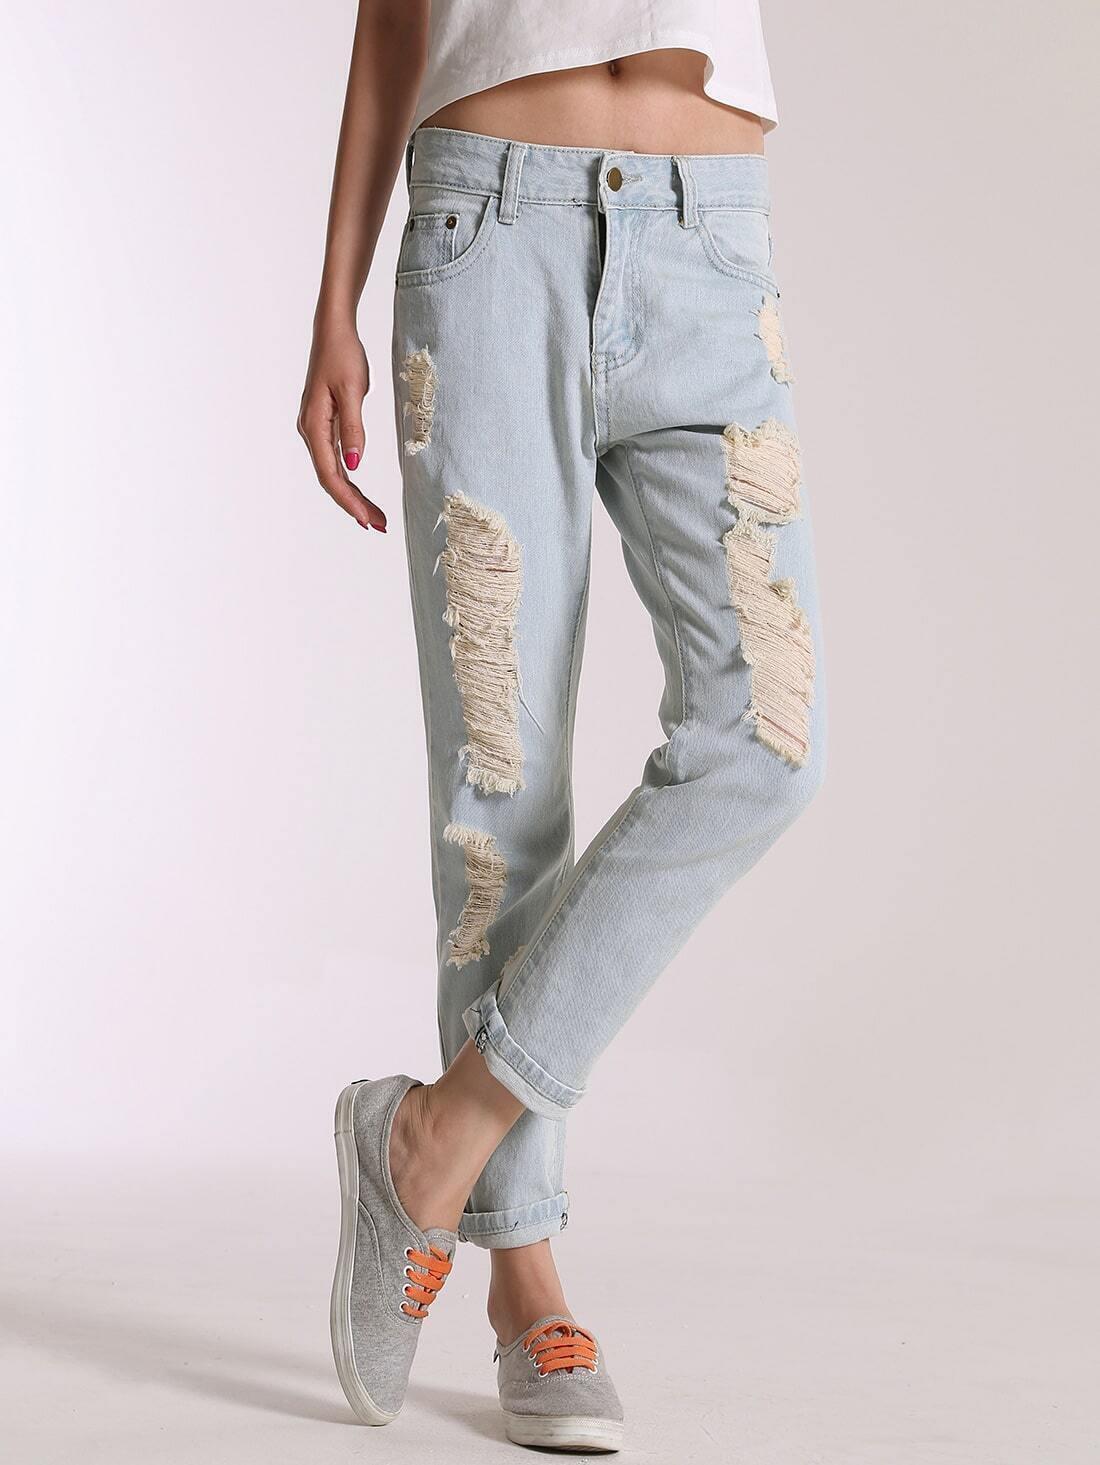 schmale jeanshose mit zerrissenen design hell blau german shein sheinside. Black Bedroom Furniture Sets. Home Design Ideas